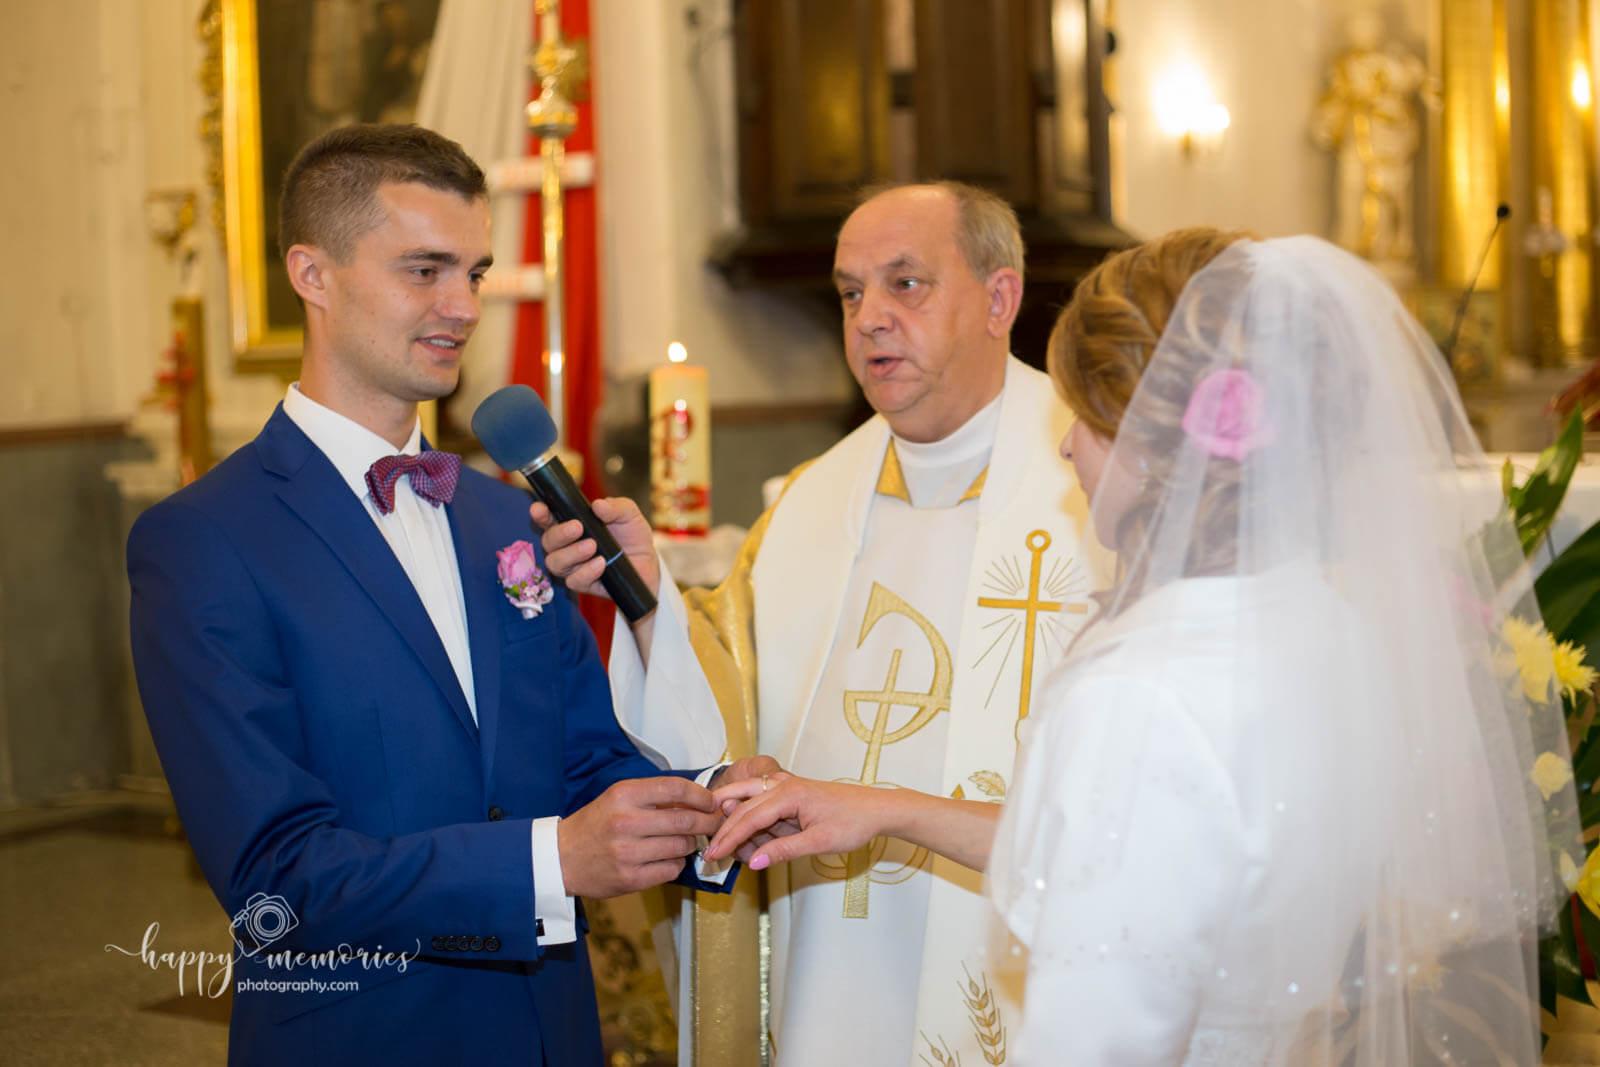 Wedding photographer Horsham-20